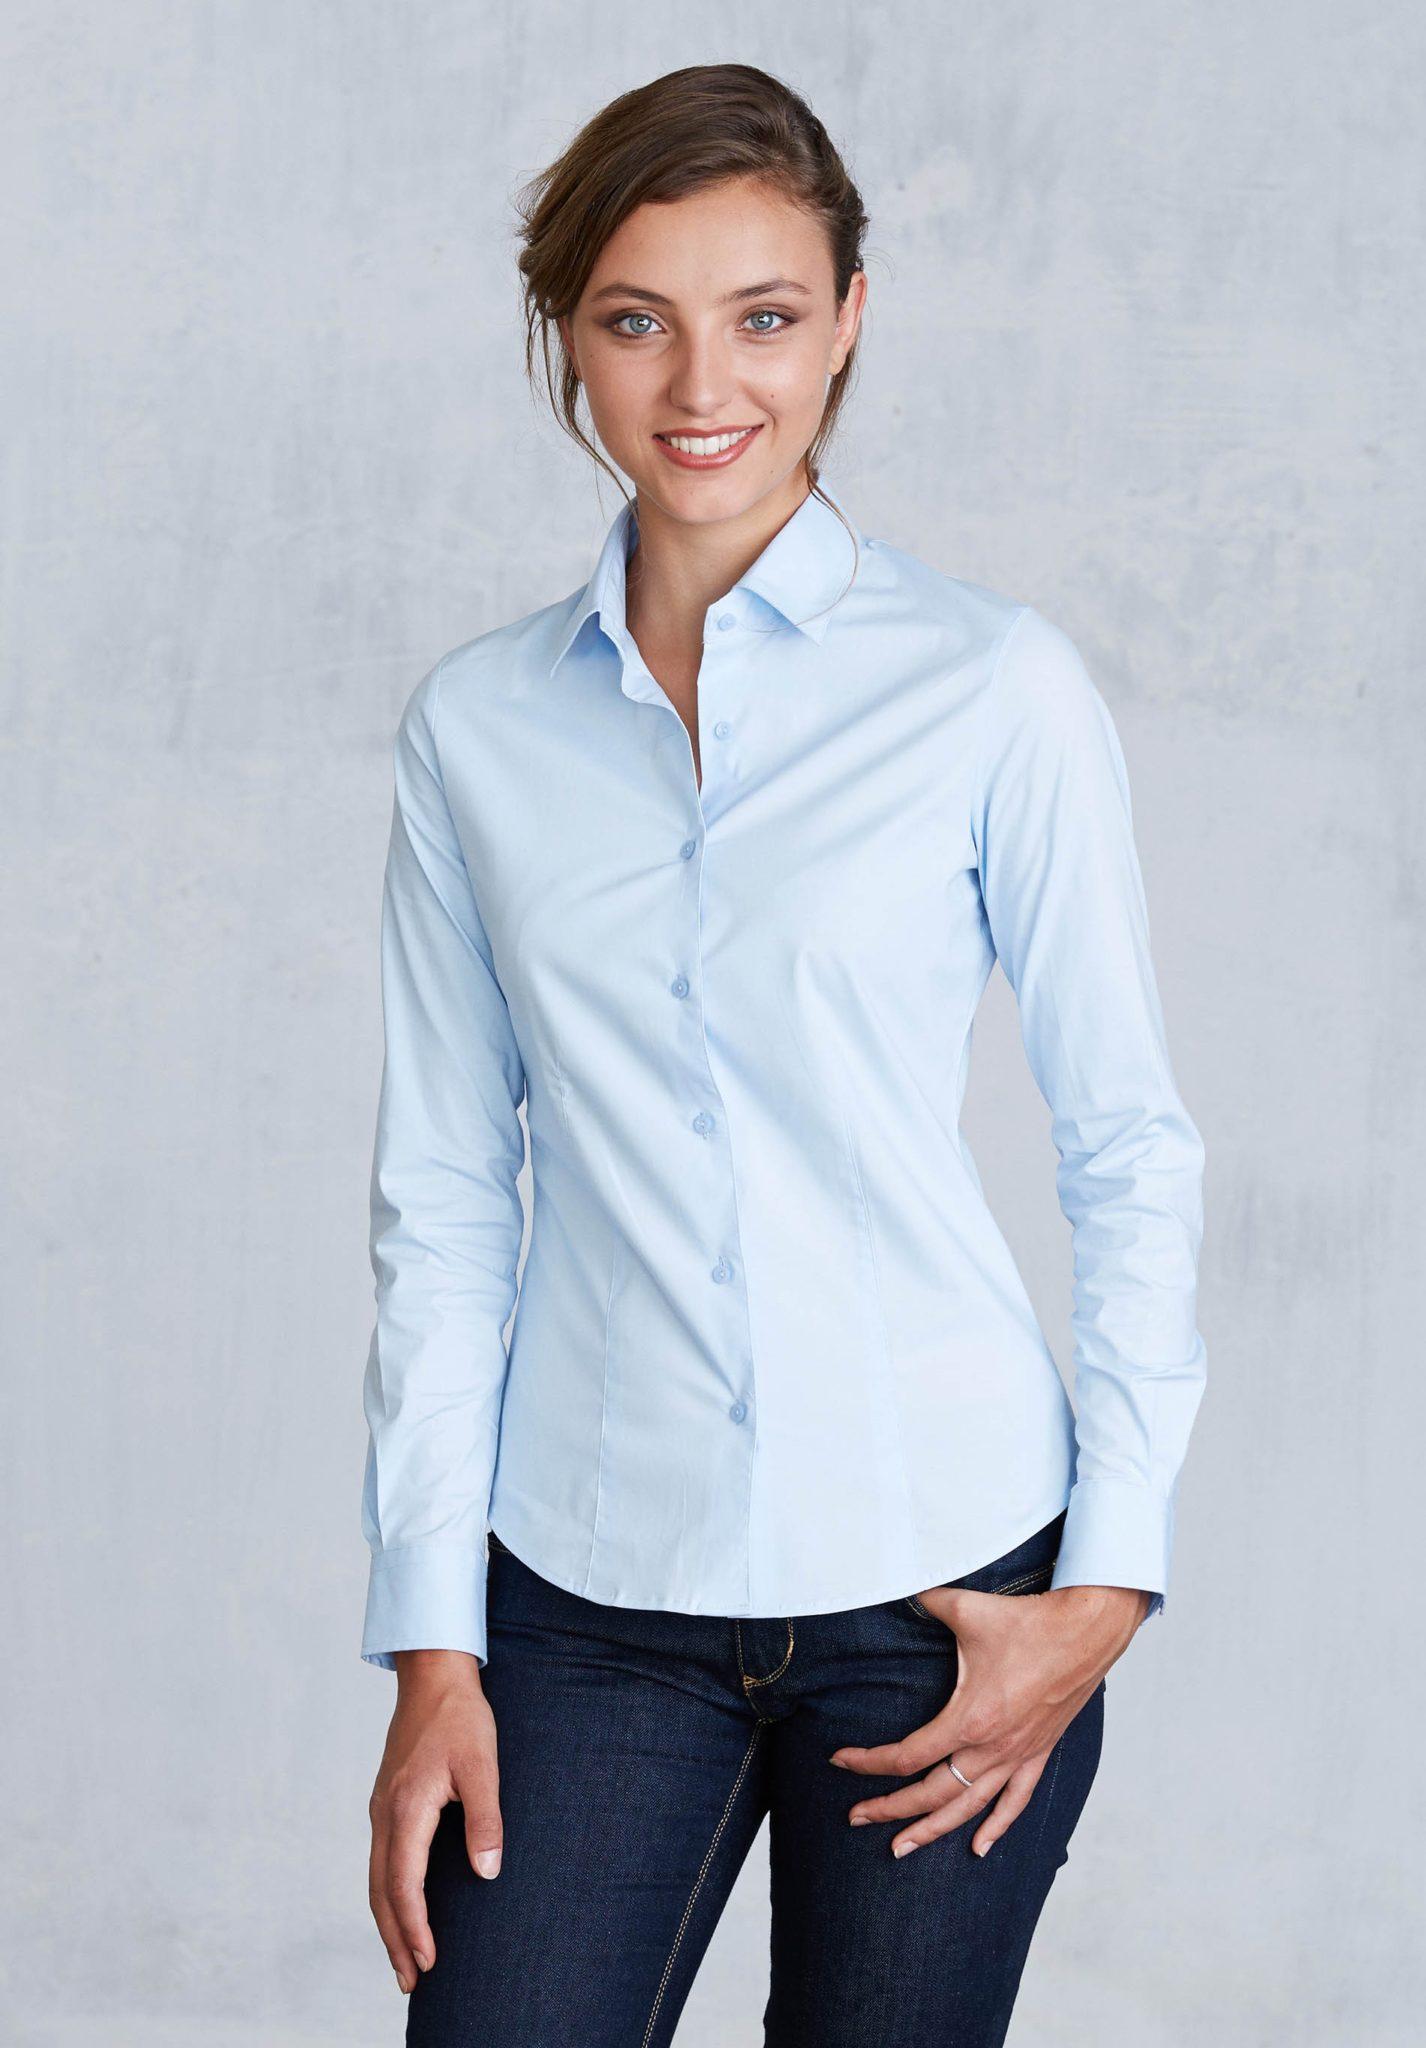 K530 2016. Previous. Stretch Langermet Skjorte fra Kariban for Kvinner c88248cb52010